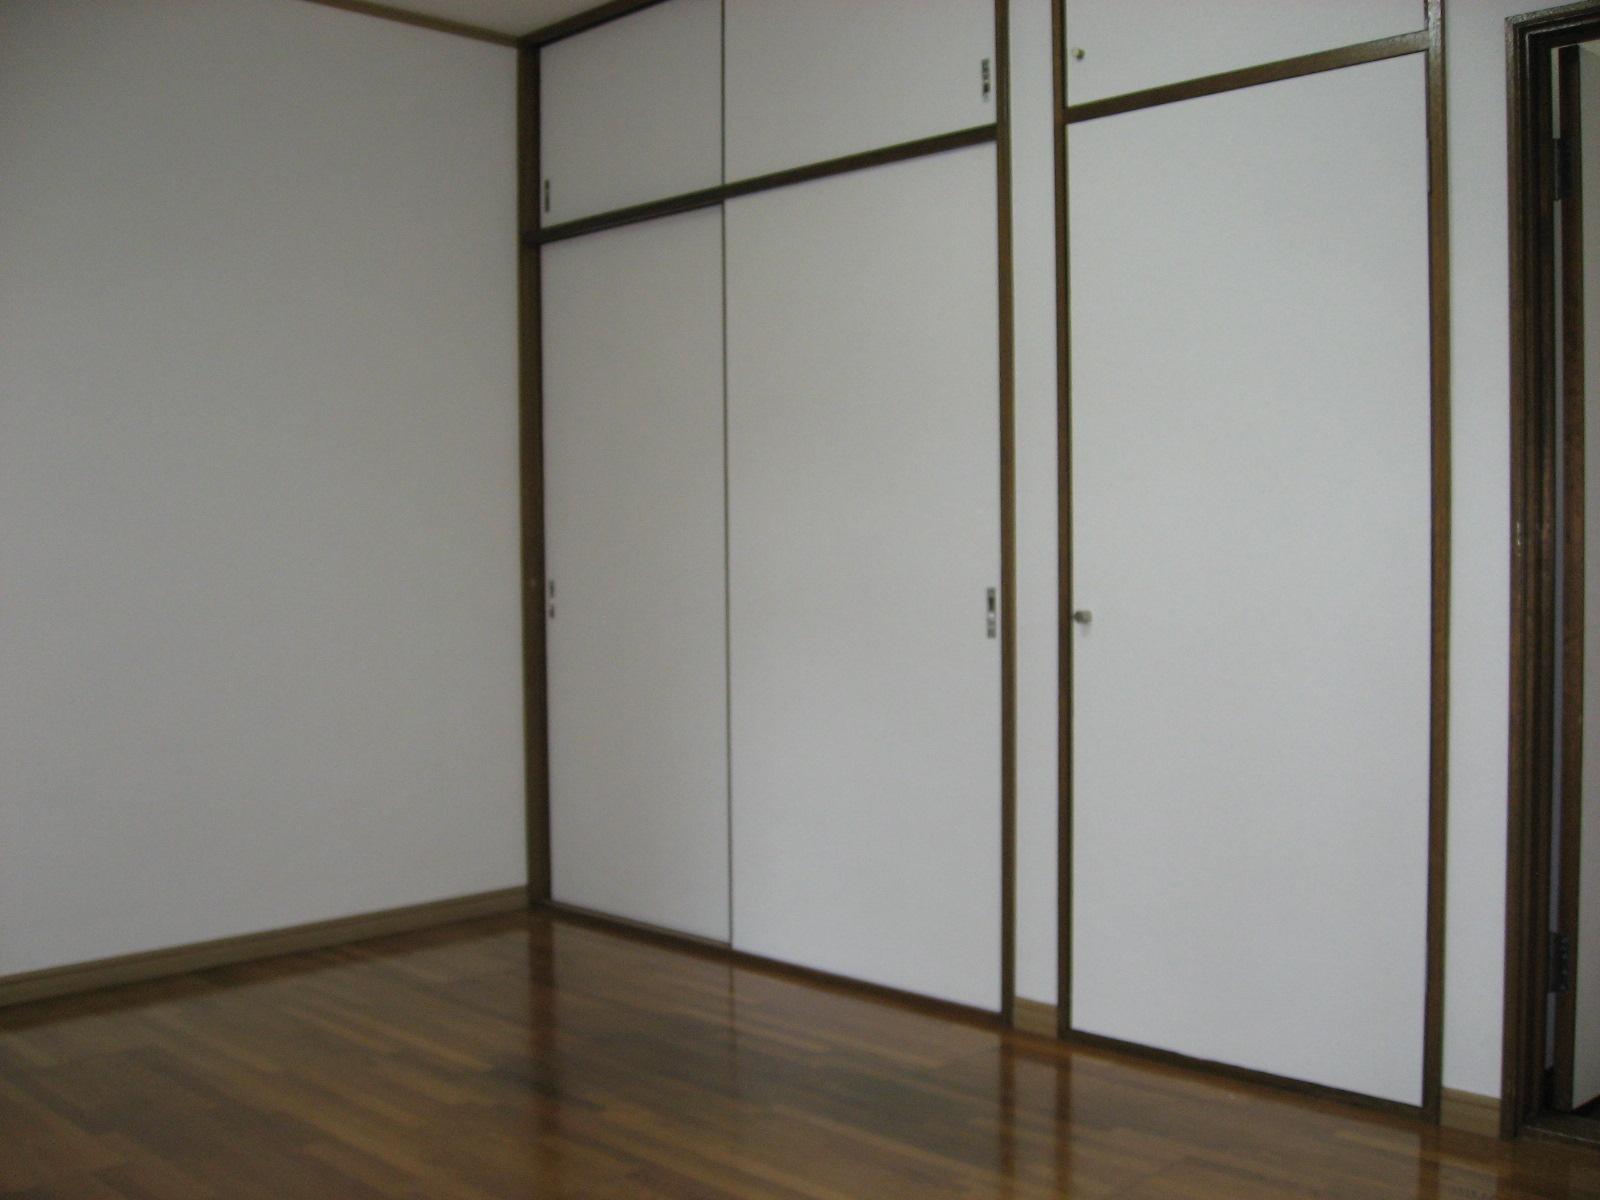 収納 収納の扉を閉めると・・・。